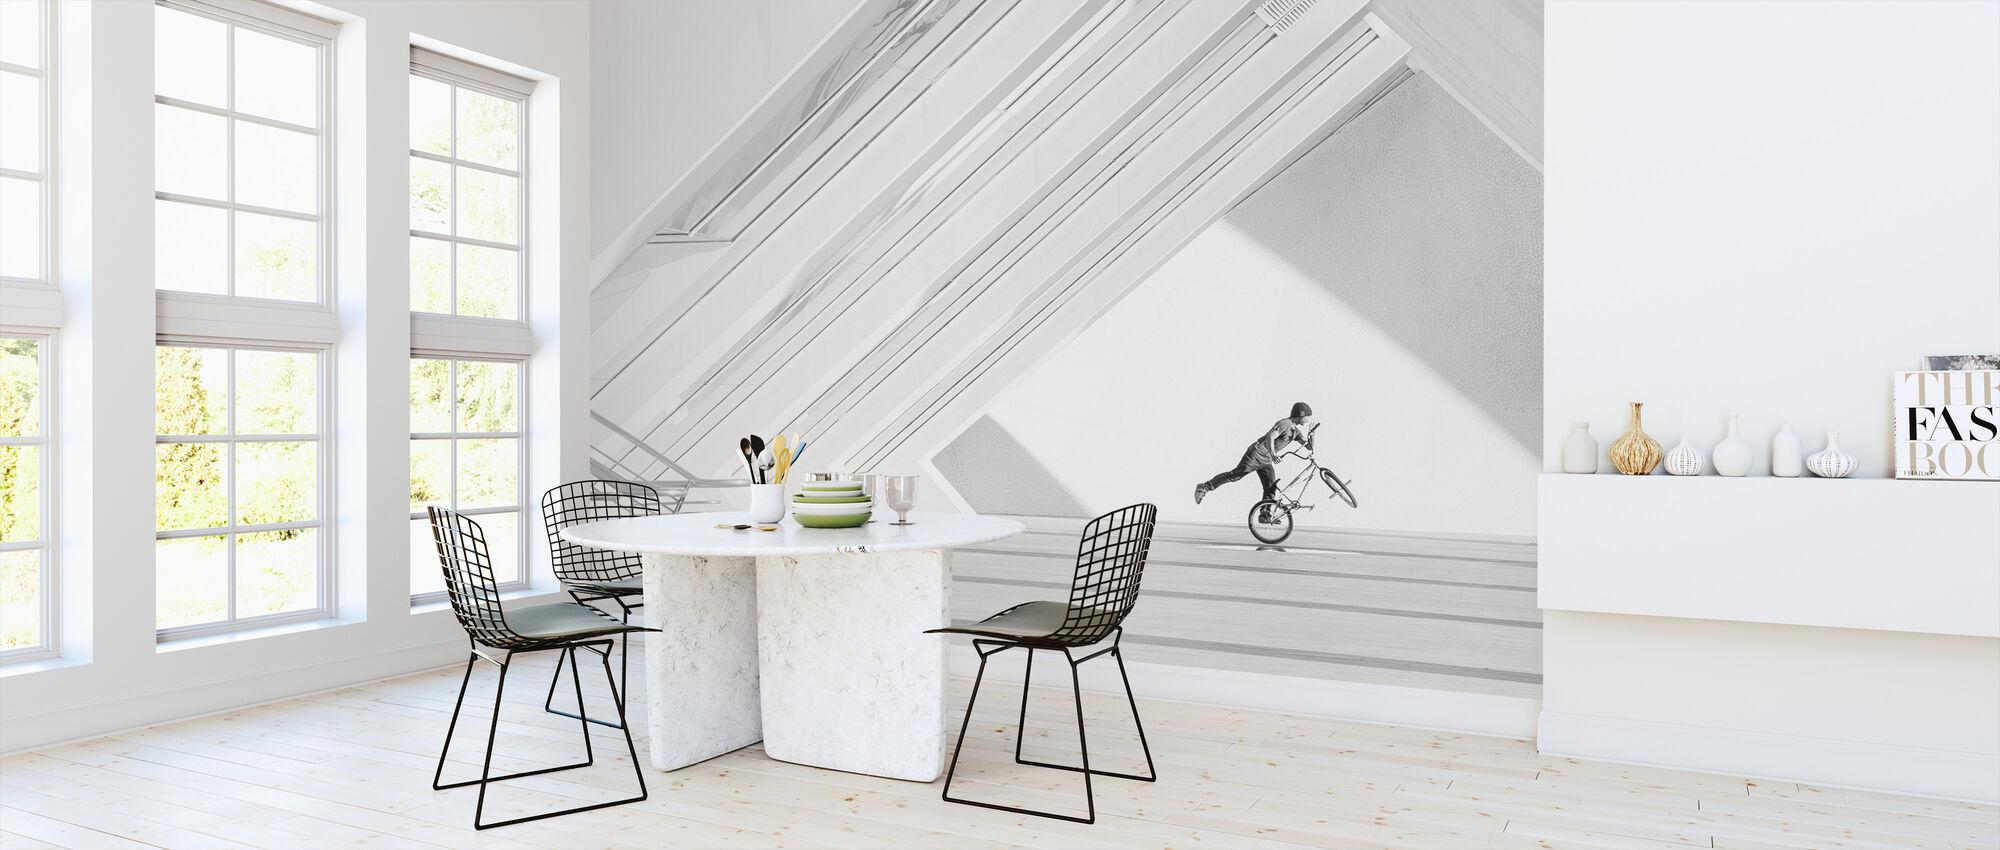 Fiets Kunst - Behang - Keuken